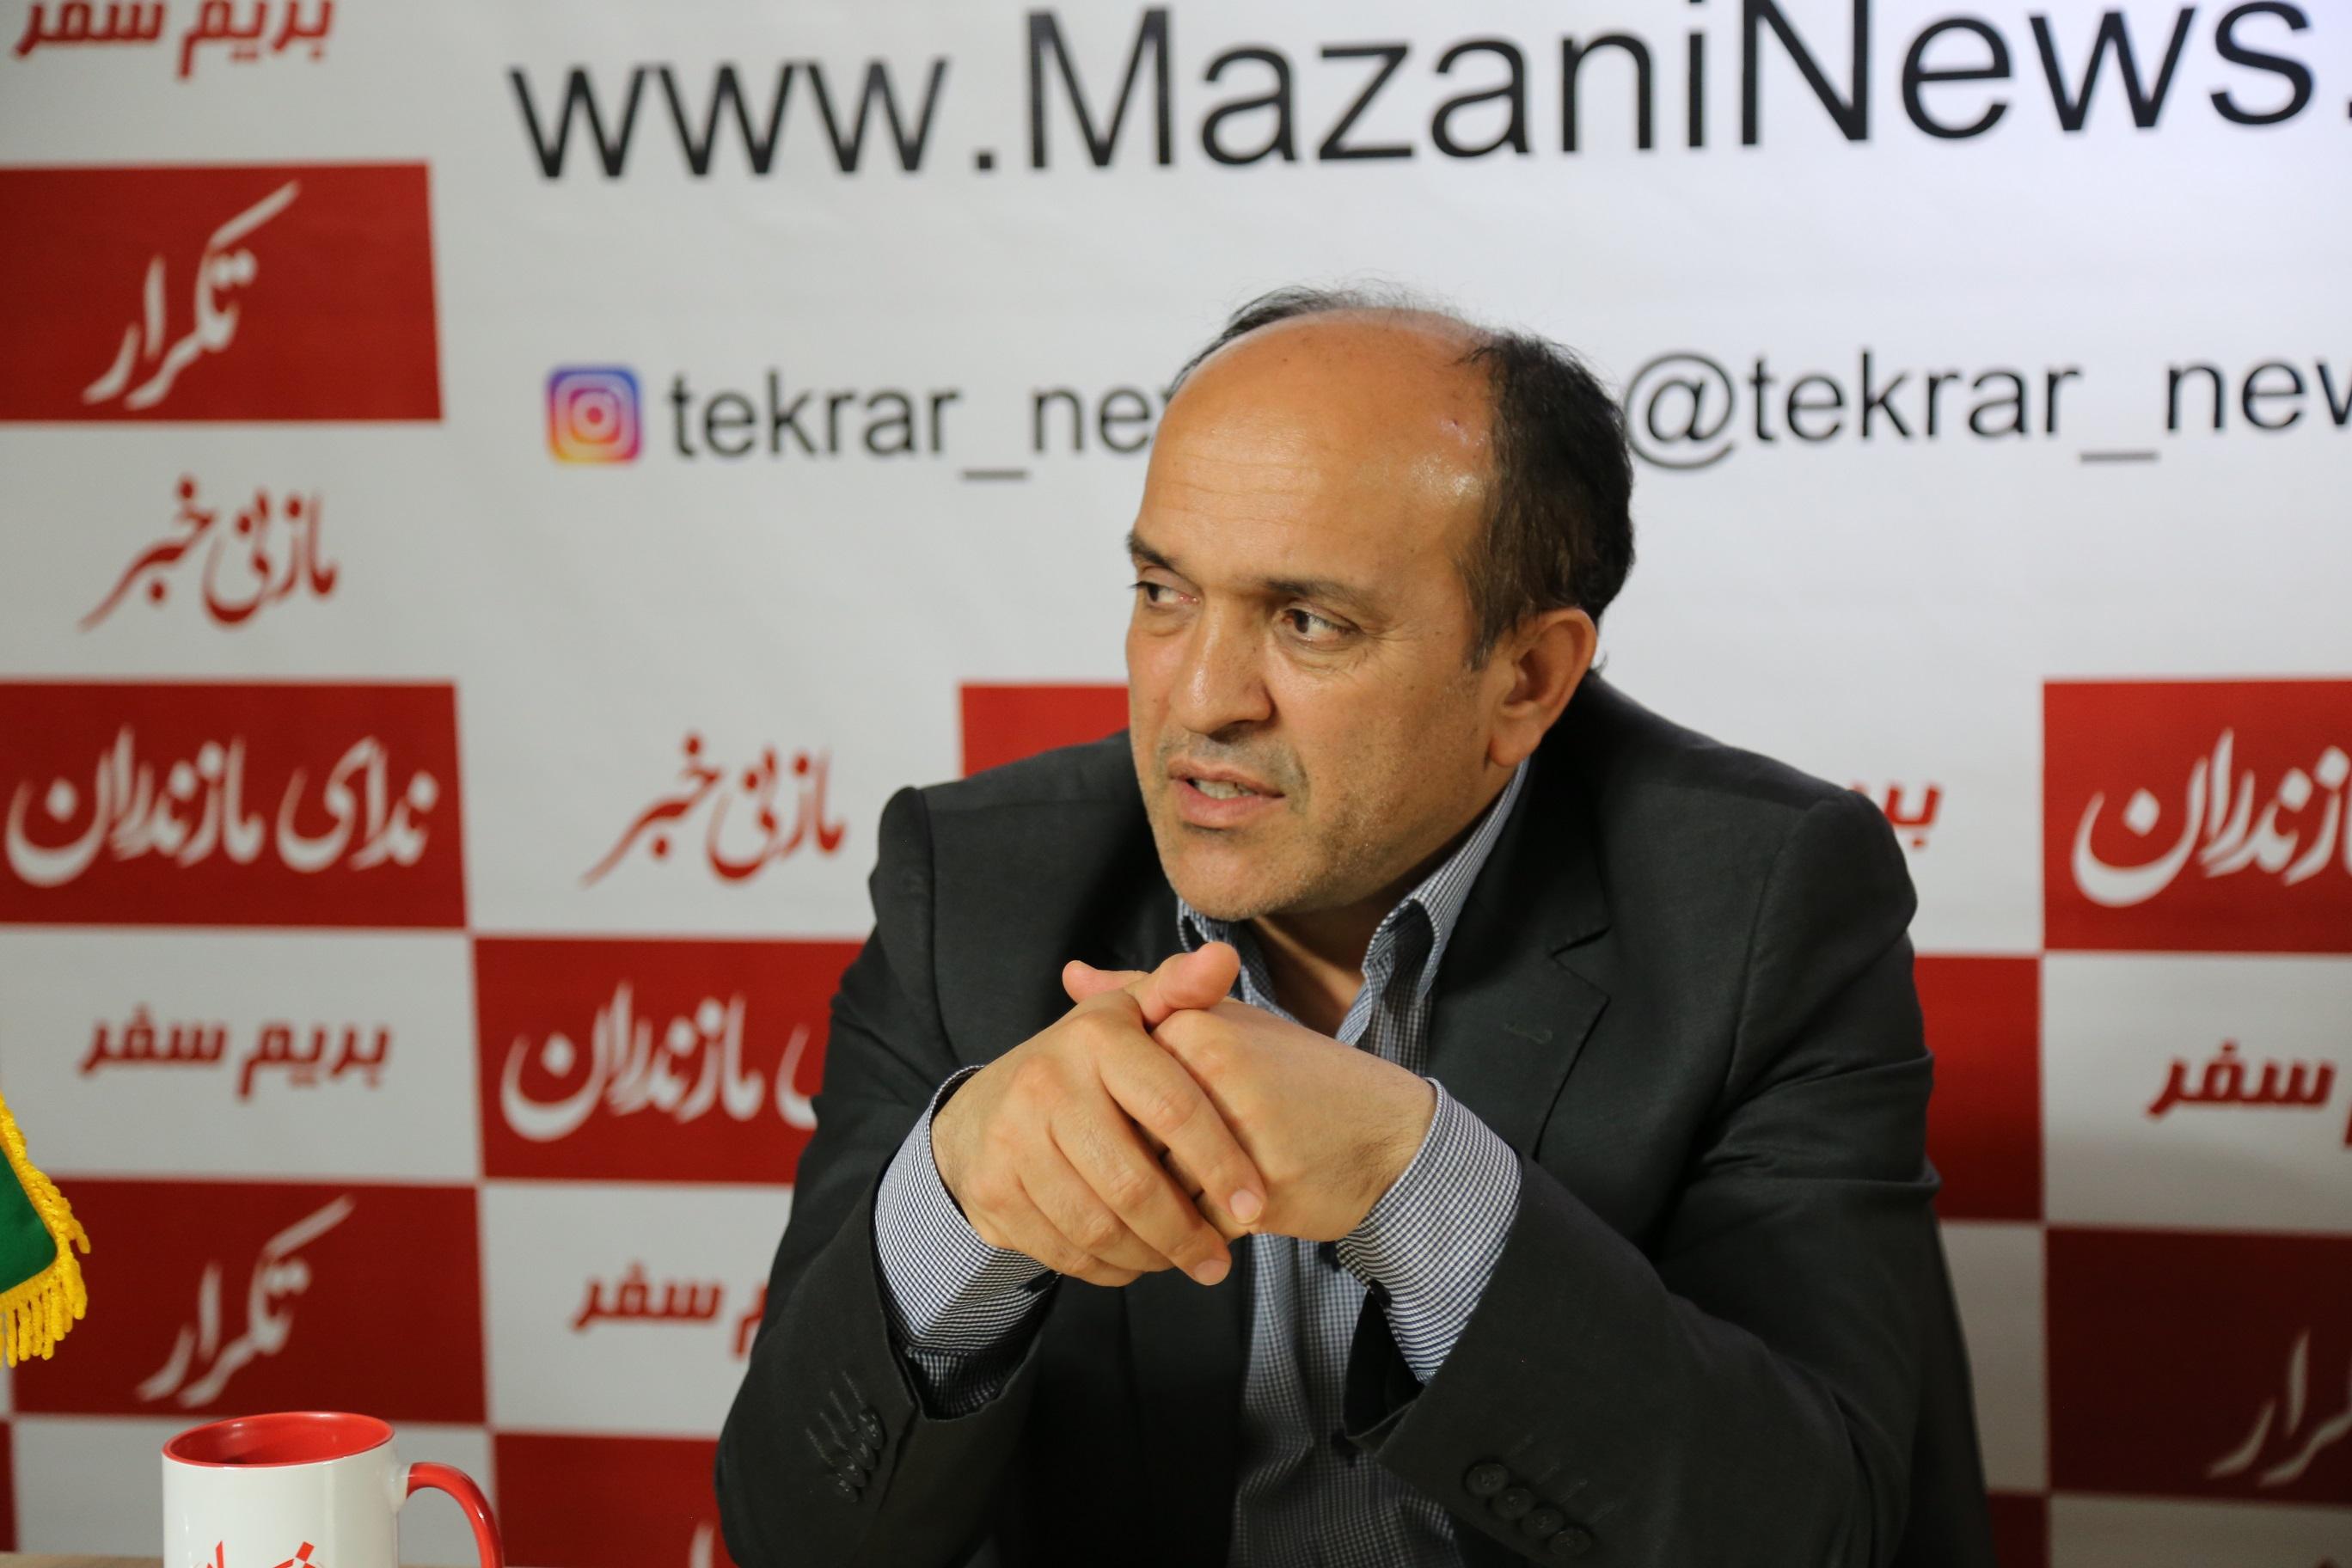 نایب رئیس کمیسیون عمران مجلس: سرمایهگذاری شهروندان ایرانی در بخش مسکن کشورهای منطقه/ در جذب سرمایههای سرگردان موفق نبودهایم